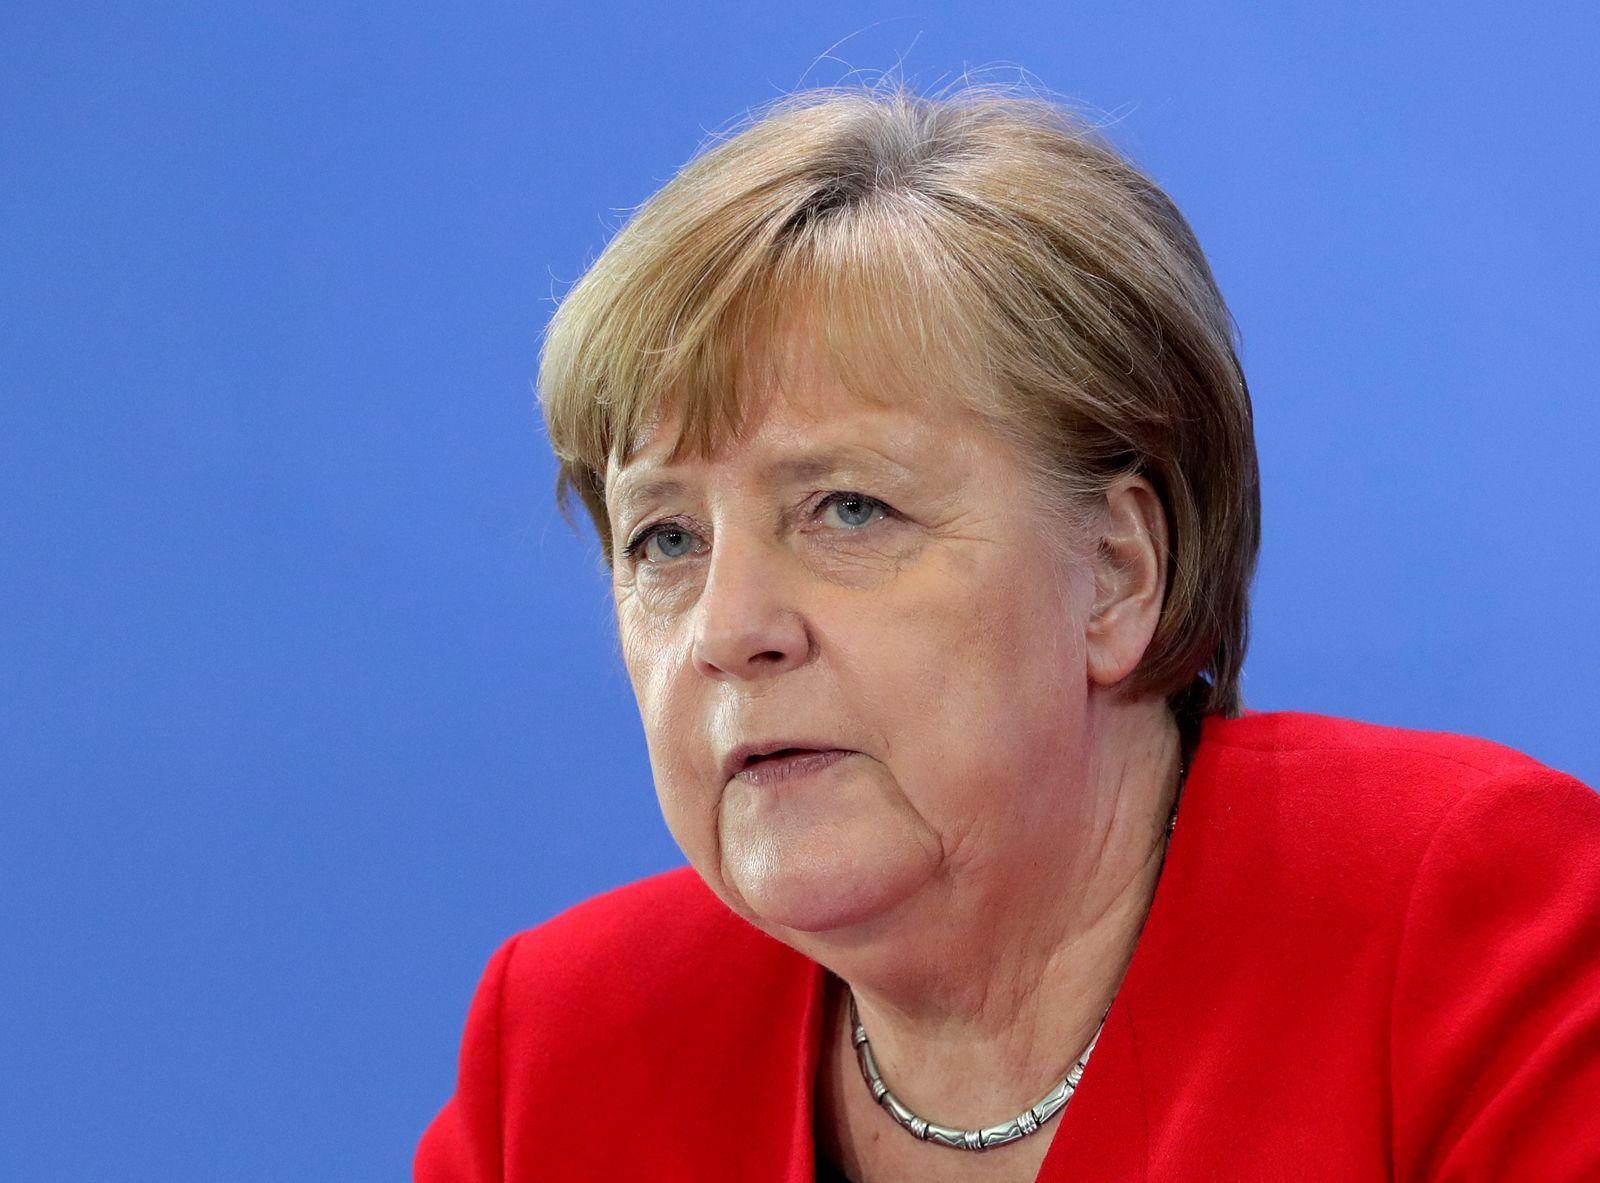 FILE PHOTO: German Chancellor Merkel speaks on COVID-19 measures after meeting regional leaders